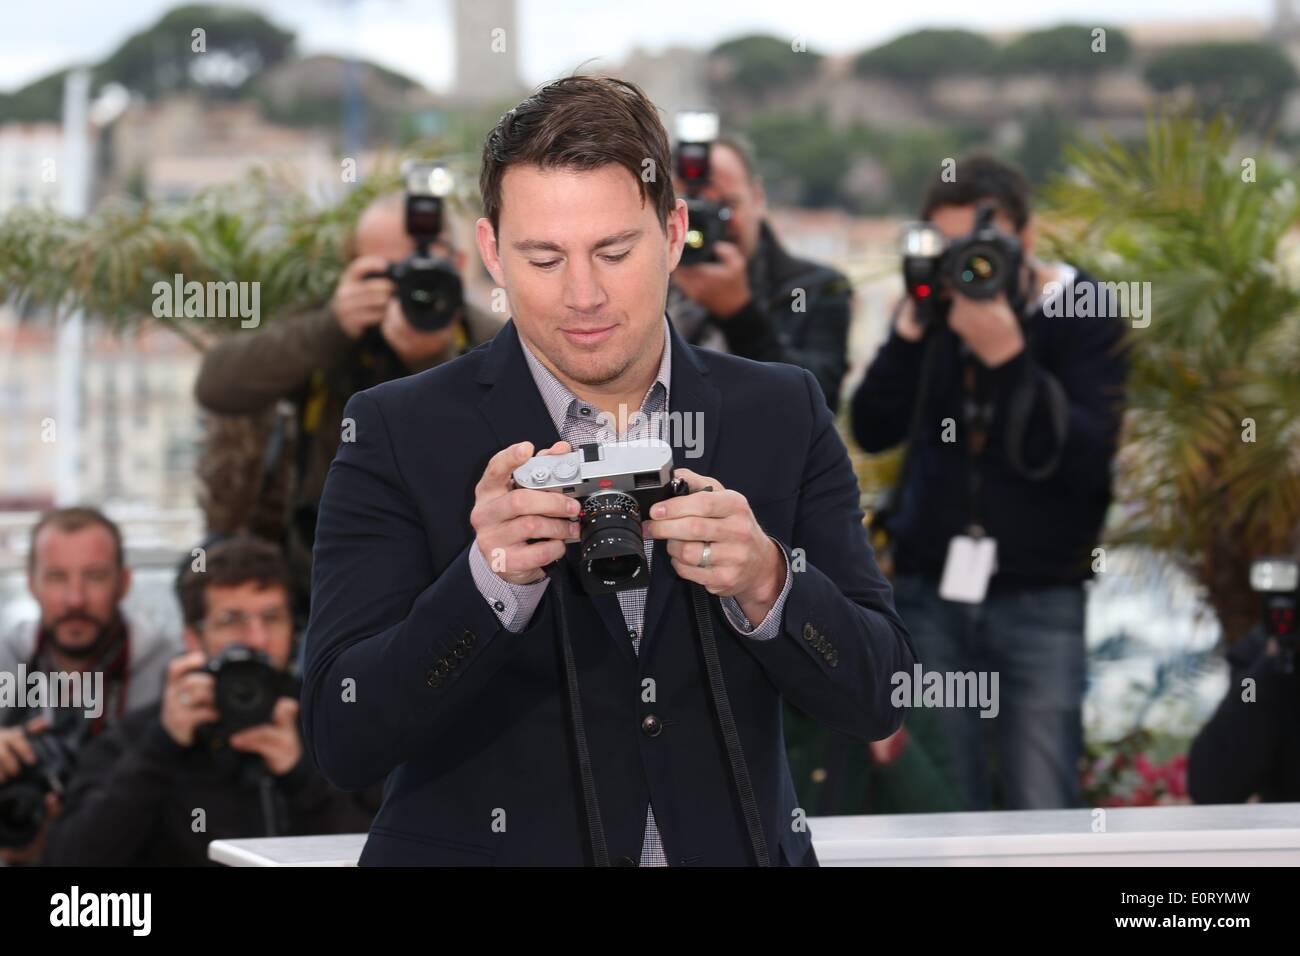 """Cannes, Frankreich. 19. Mai 2014. Schauspieler Channing Tatum besucht den Fototermin von """"Foxcatcher"""" während der 67. Internationalen Filmfestspiele von Cannes am Palais des Festivals in Cannes, Frankreich, am 19. Mai 2014. Foto: Hubert Boesl/Dpa/Alamy Live News Stockbild"""